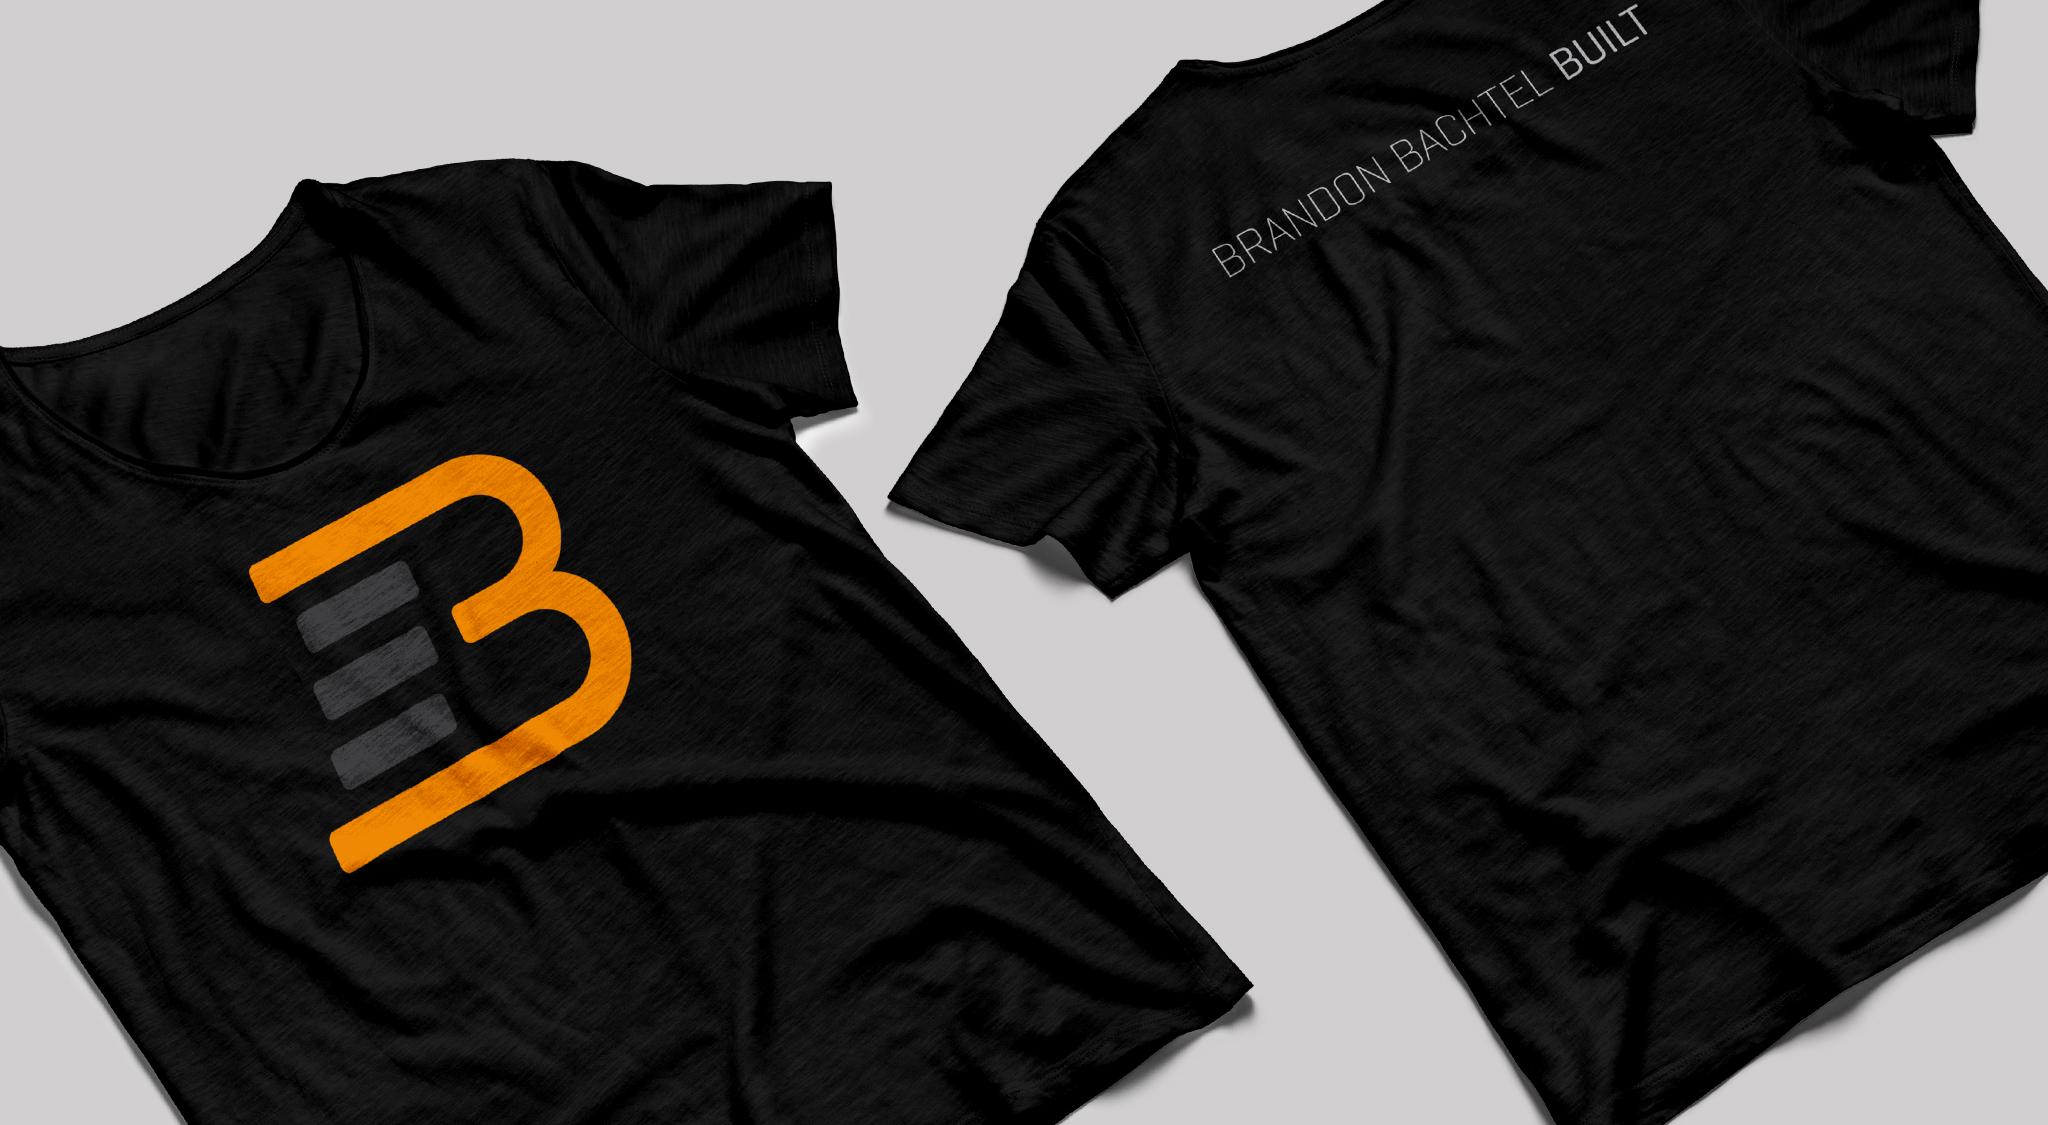 b3_shirt